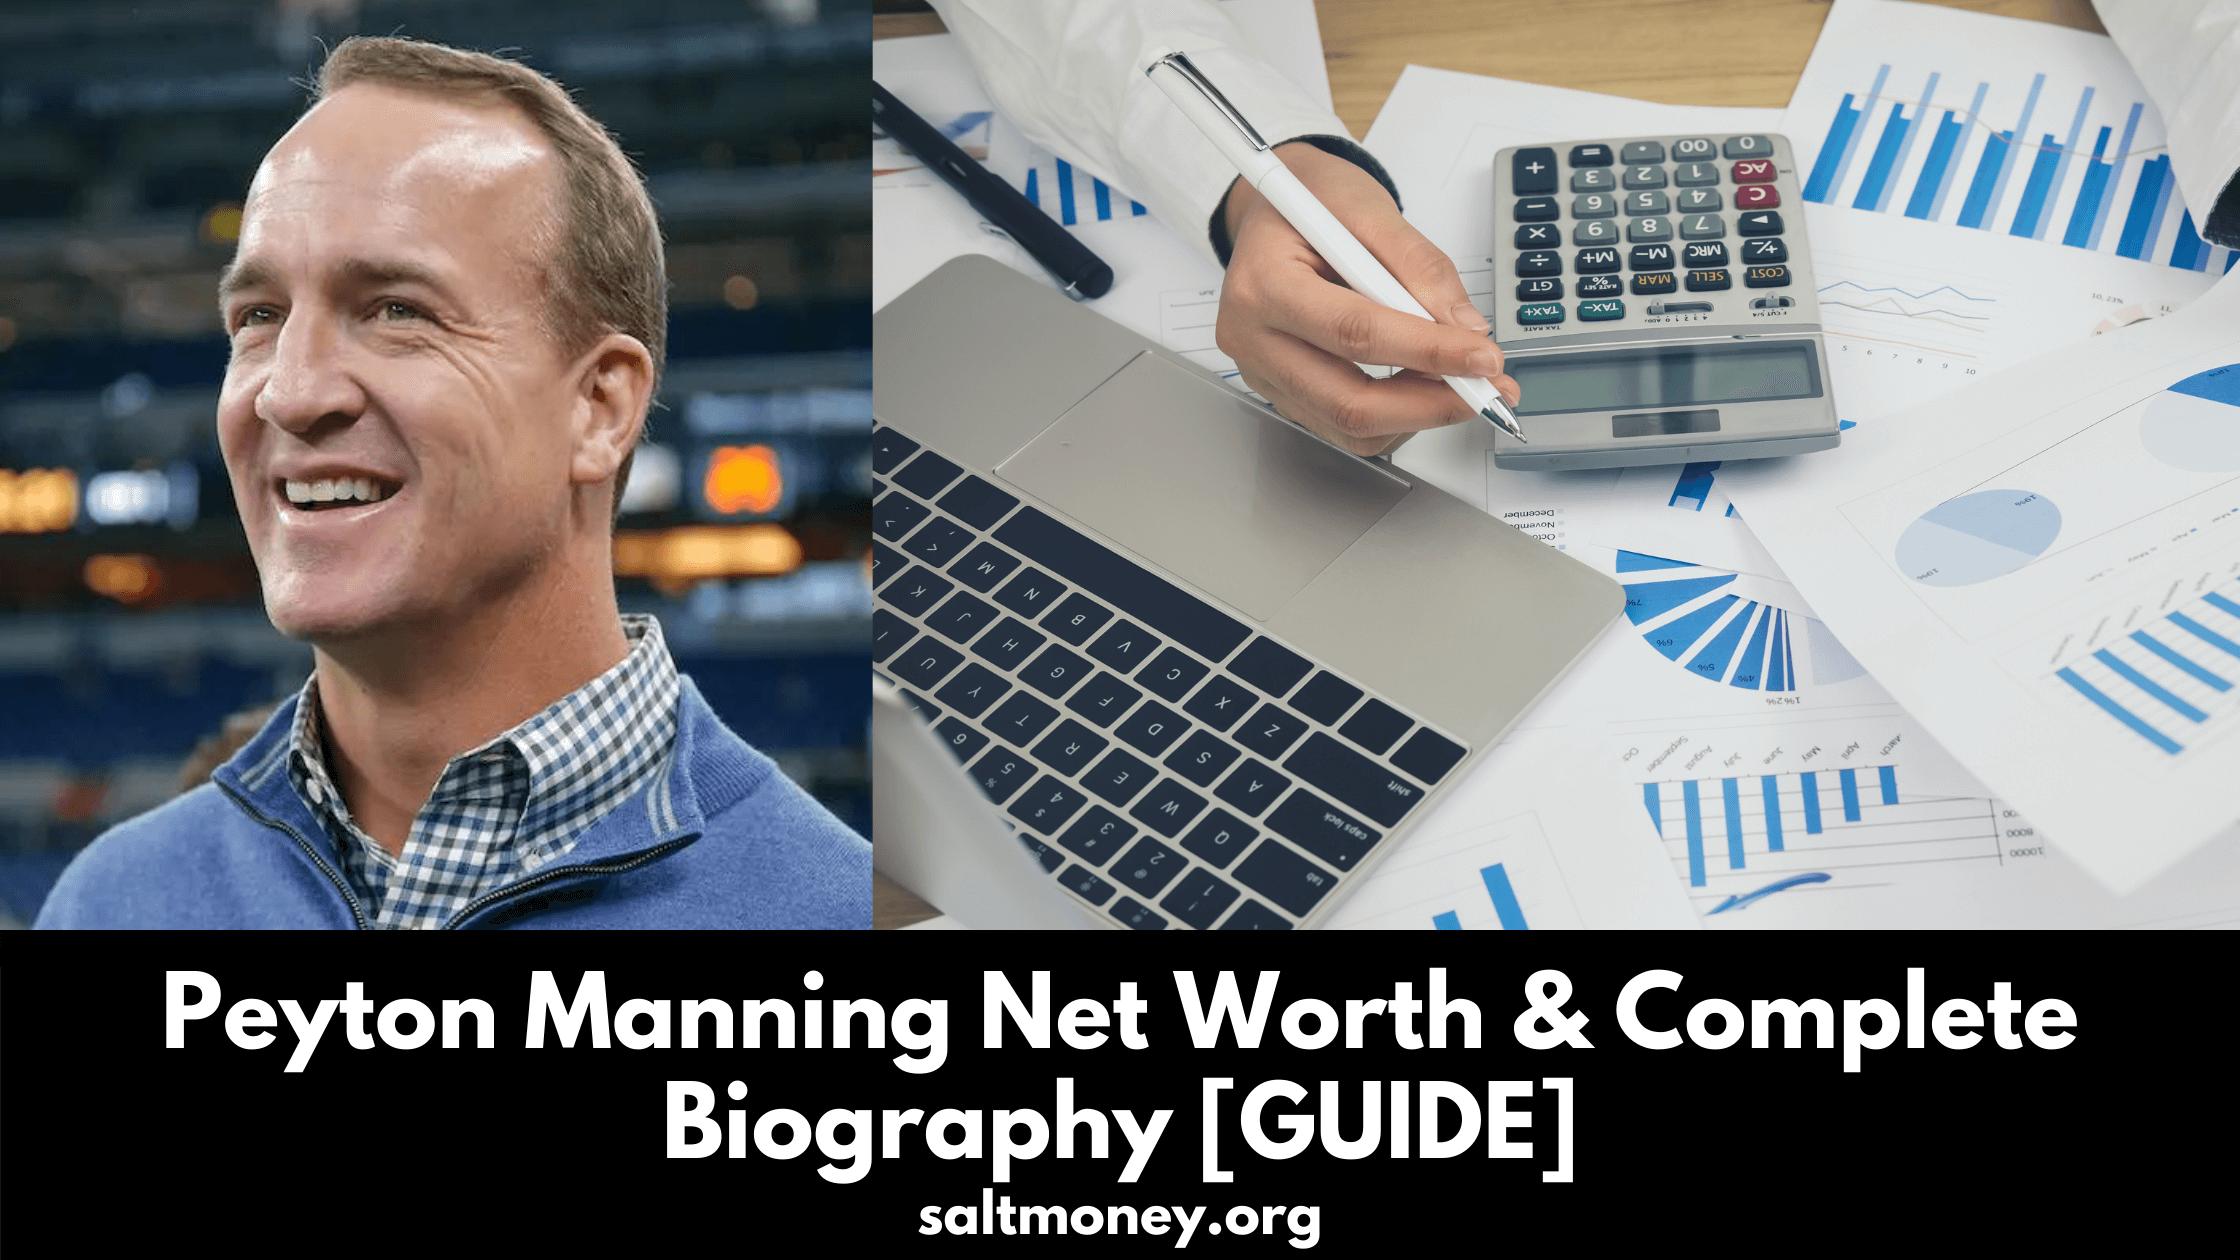 Peyton Manning Net Worth